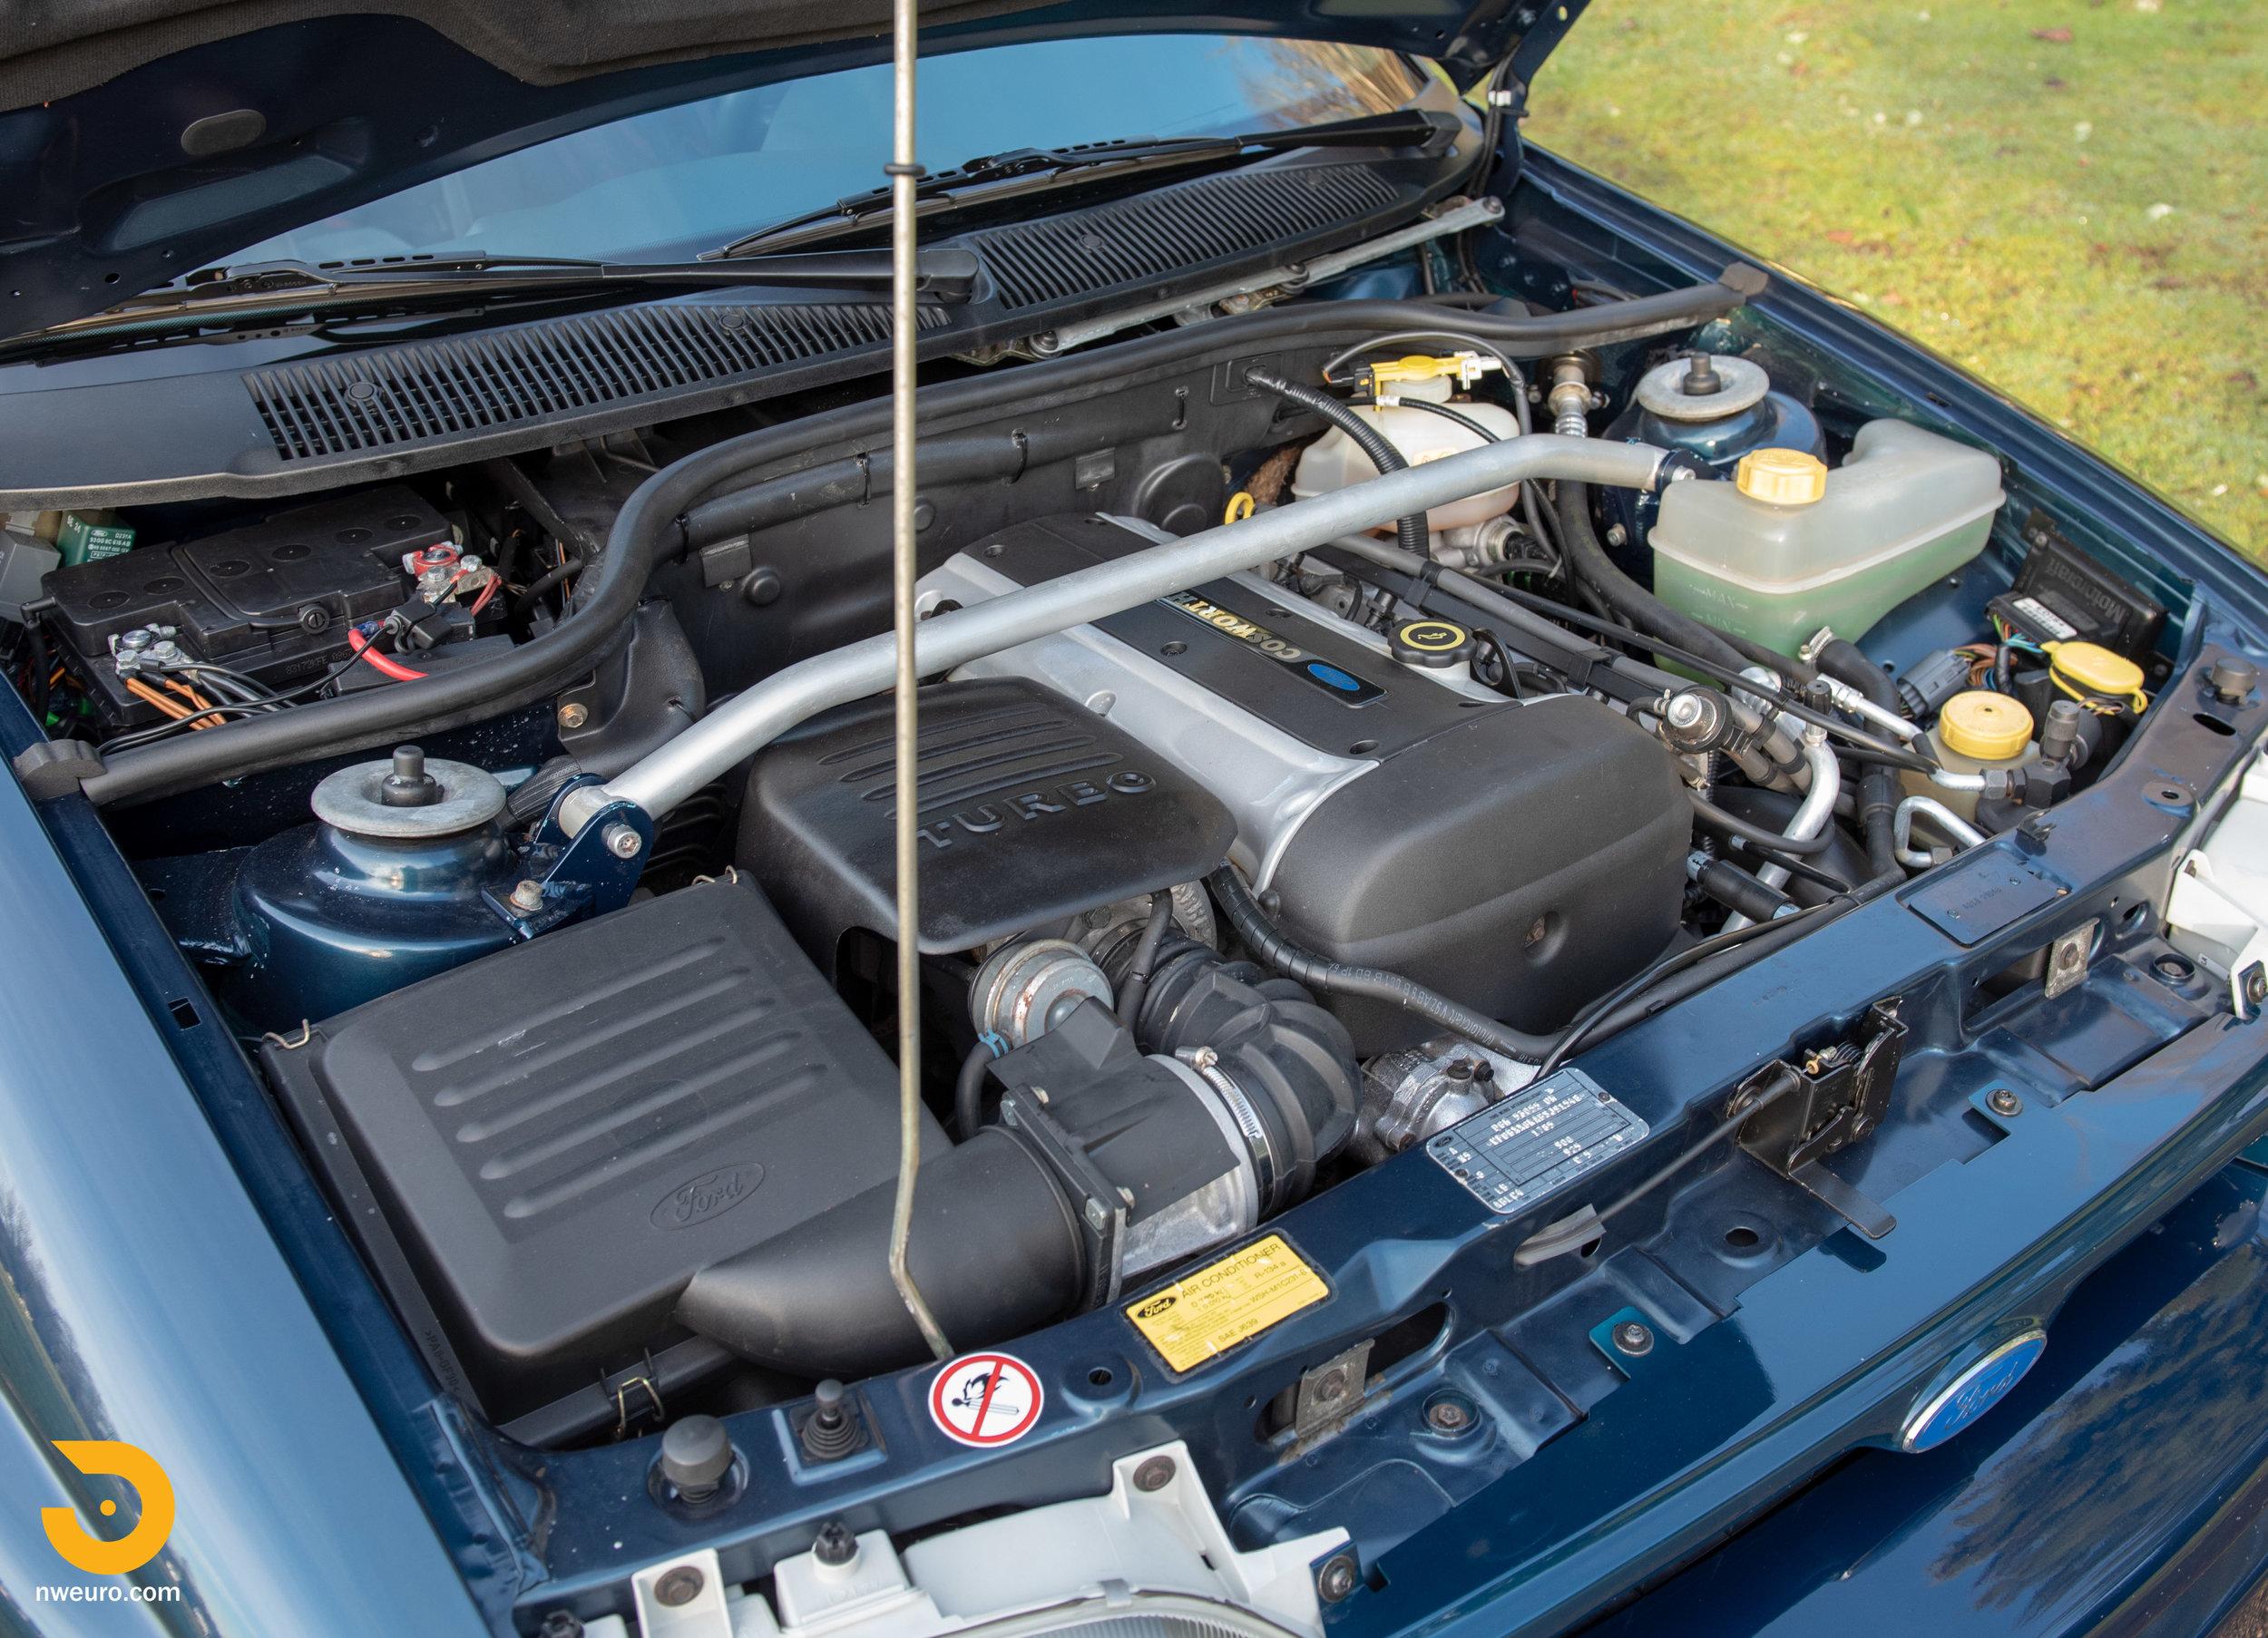 1995 Ford Escort Cosworth - Petrol Blue-36.jpg